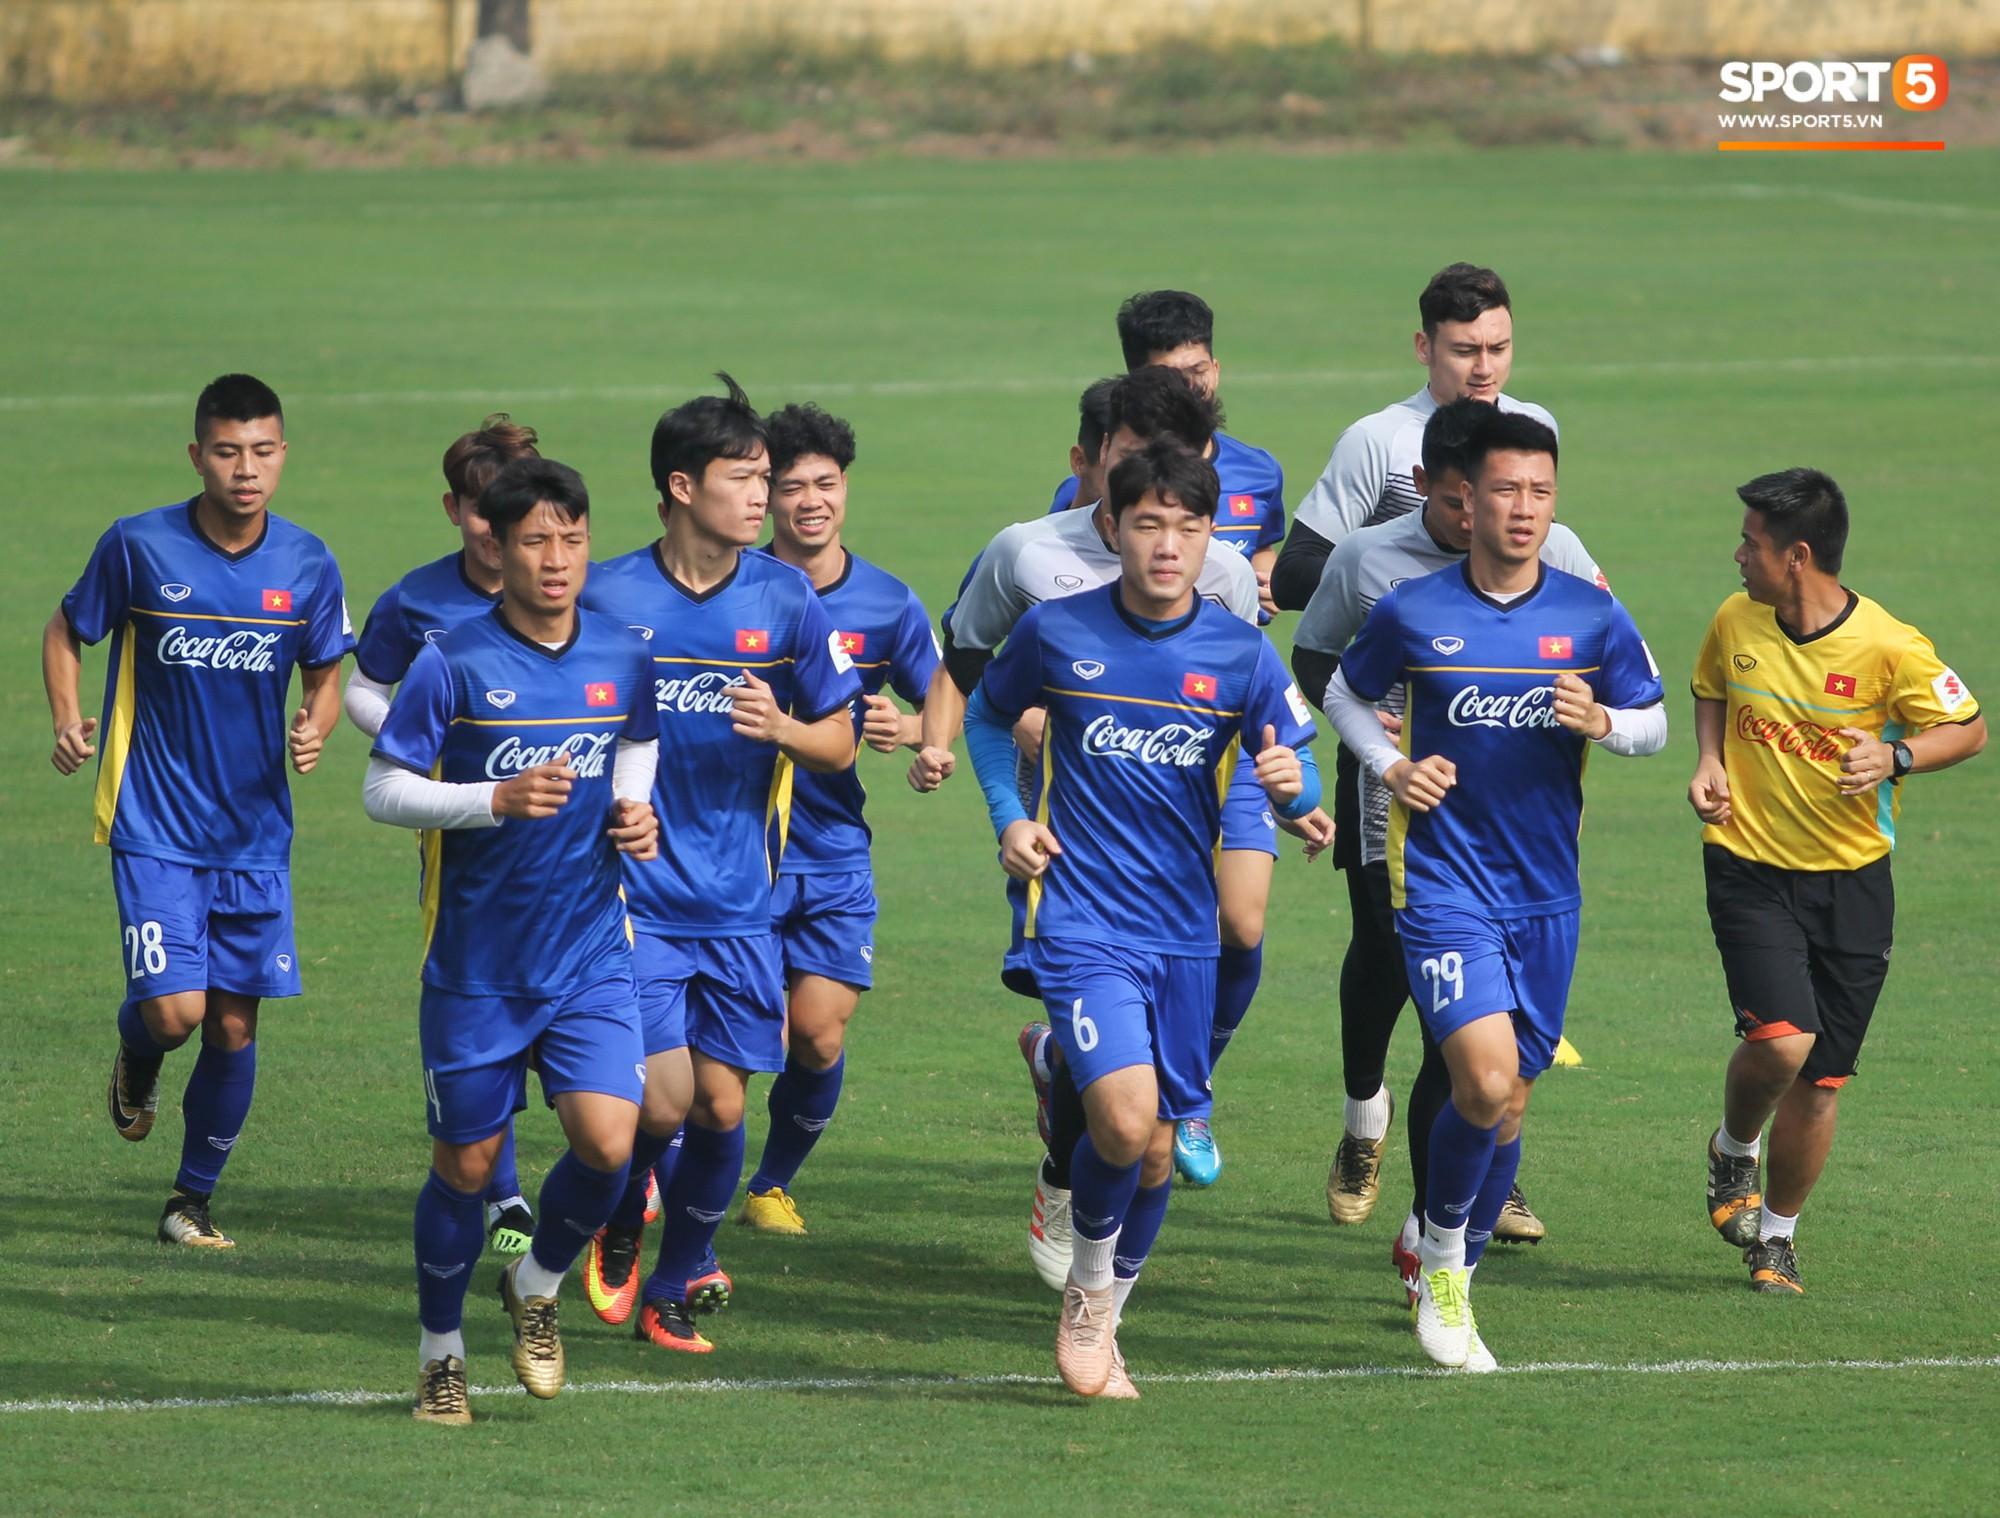 Xuân Trường nỗ lực không ngừng trong buổi tập đầu tiên hướng tới Asian Cup 2019 - Ảnh 1.